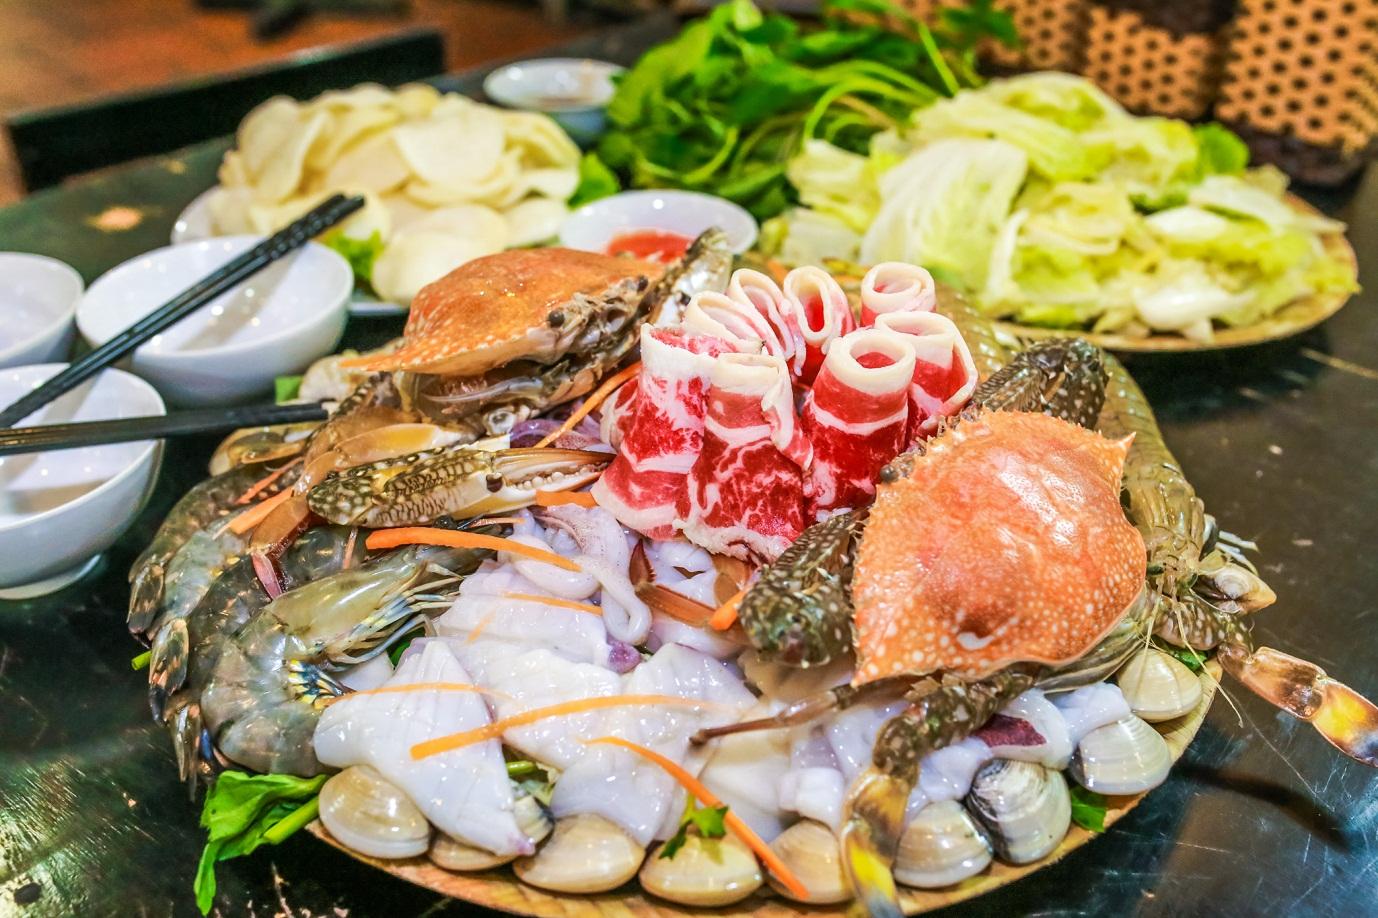 10 vựa hải sản Cần Thơ tươi ngon, quán ăn hải sản giá rẻ nên ghé